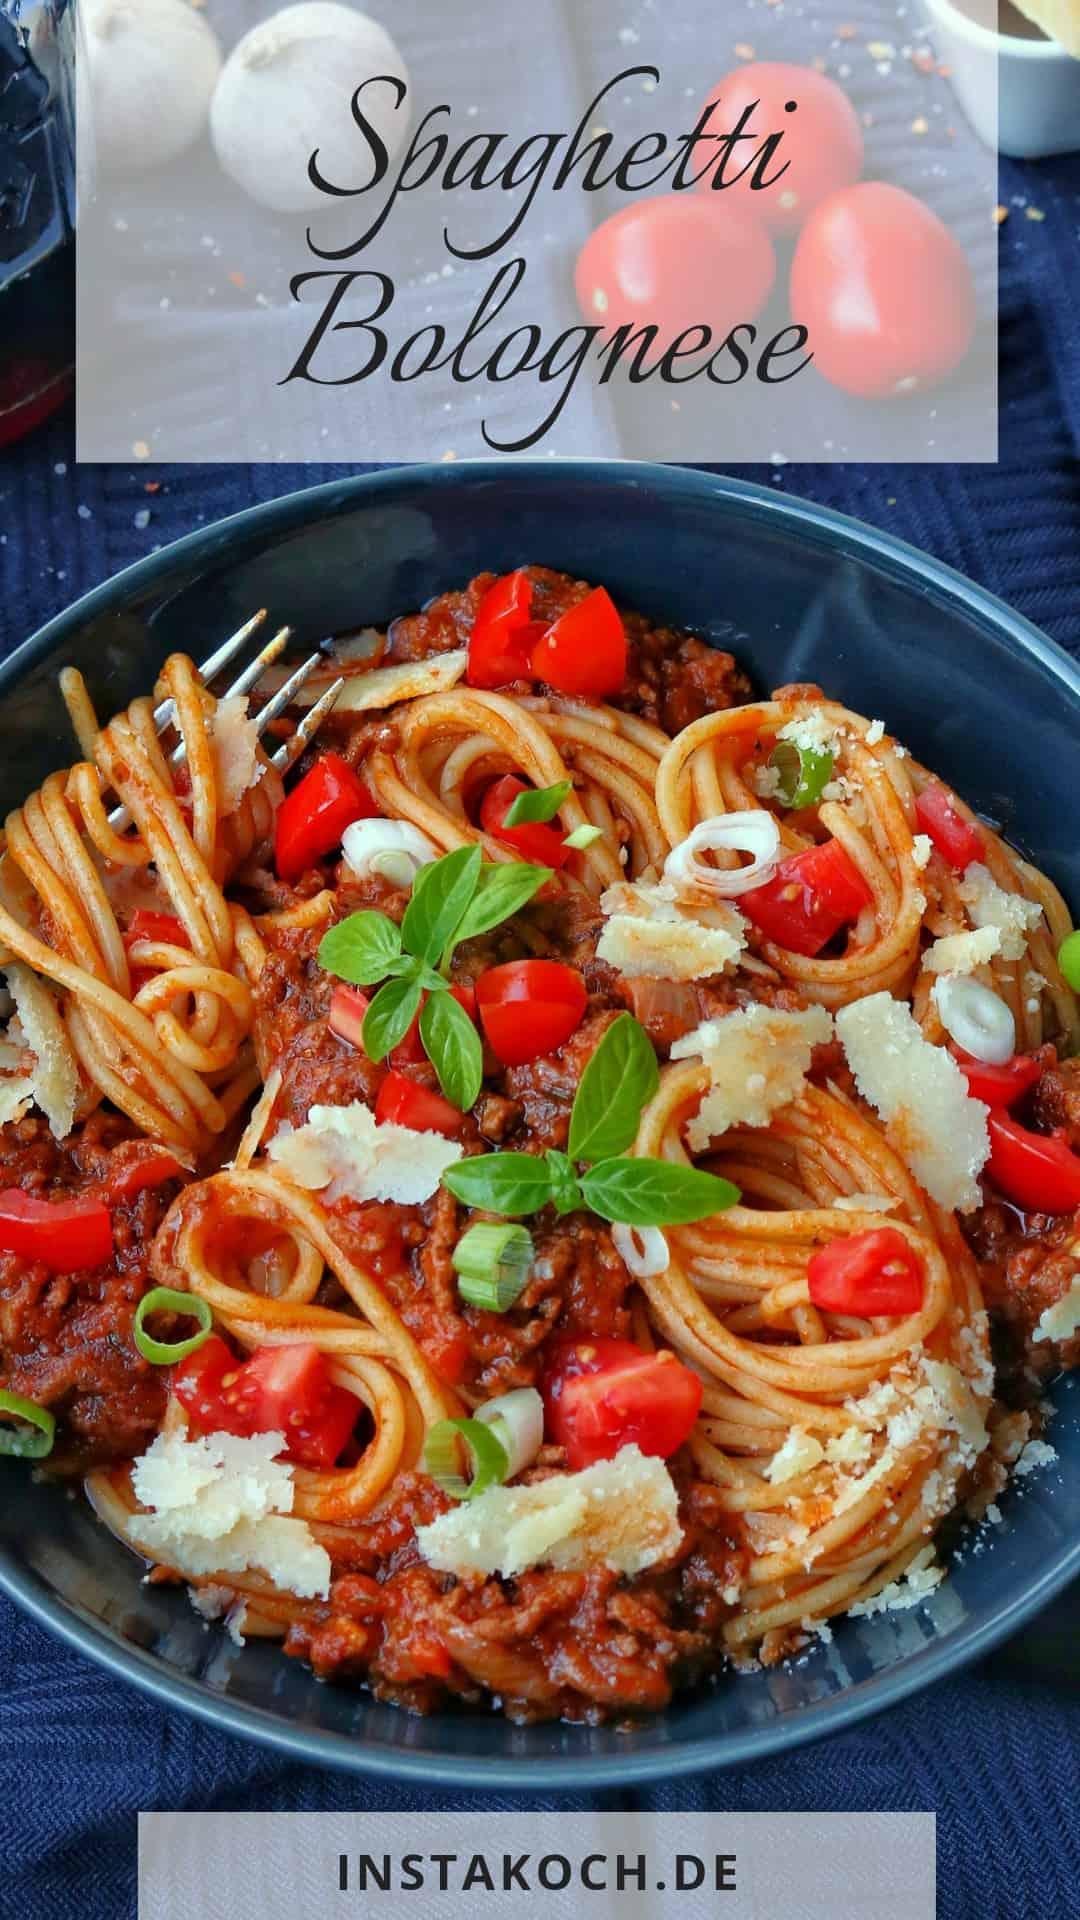 Ein tiefer, dunkler Teller mit Spaghetti Bolognese. Dahinter Tomaten und Knoblauch als Dekoration.